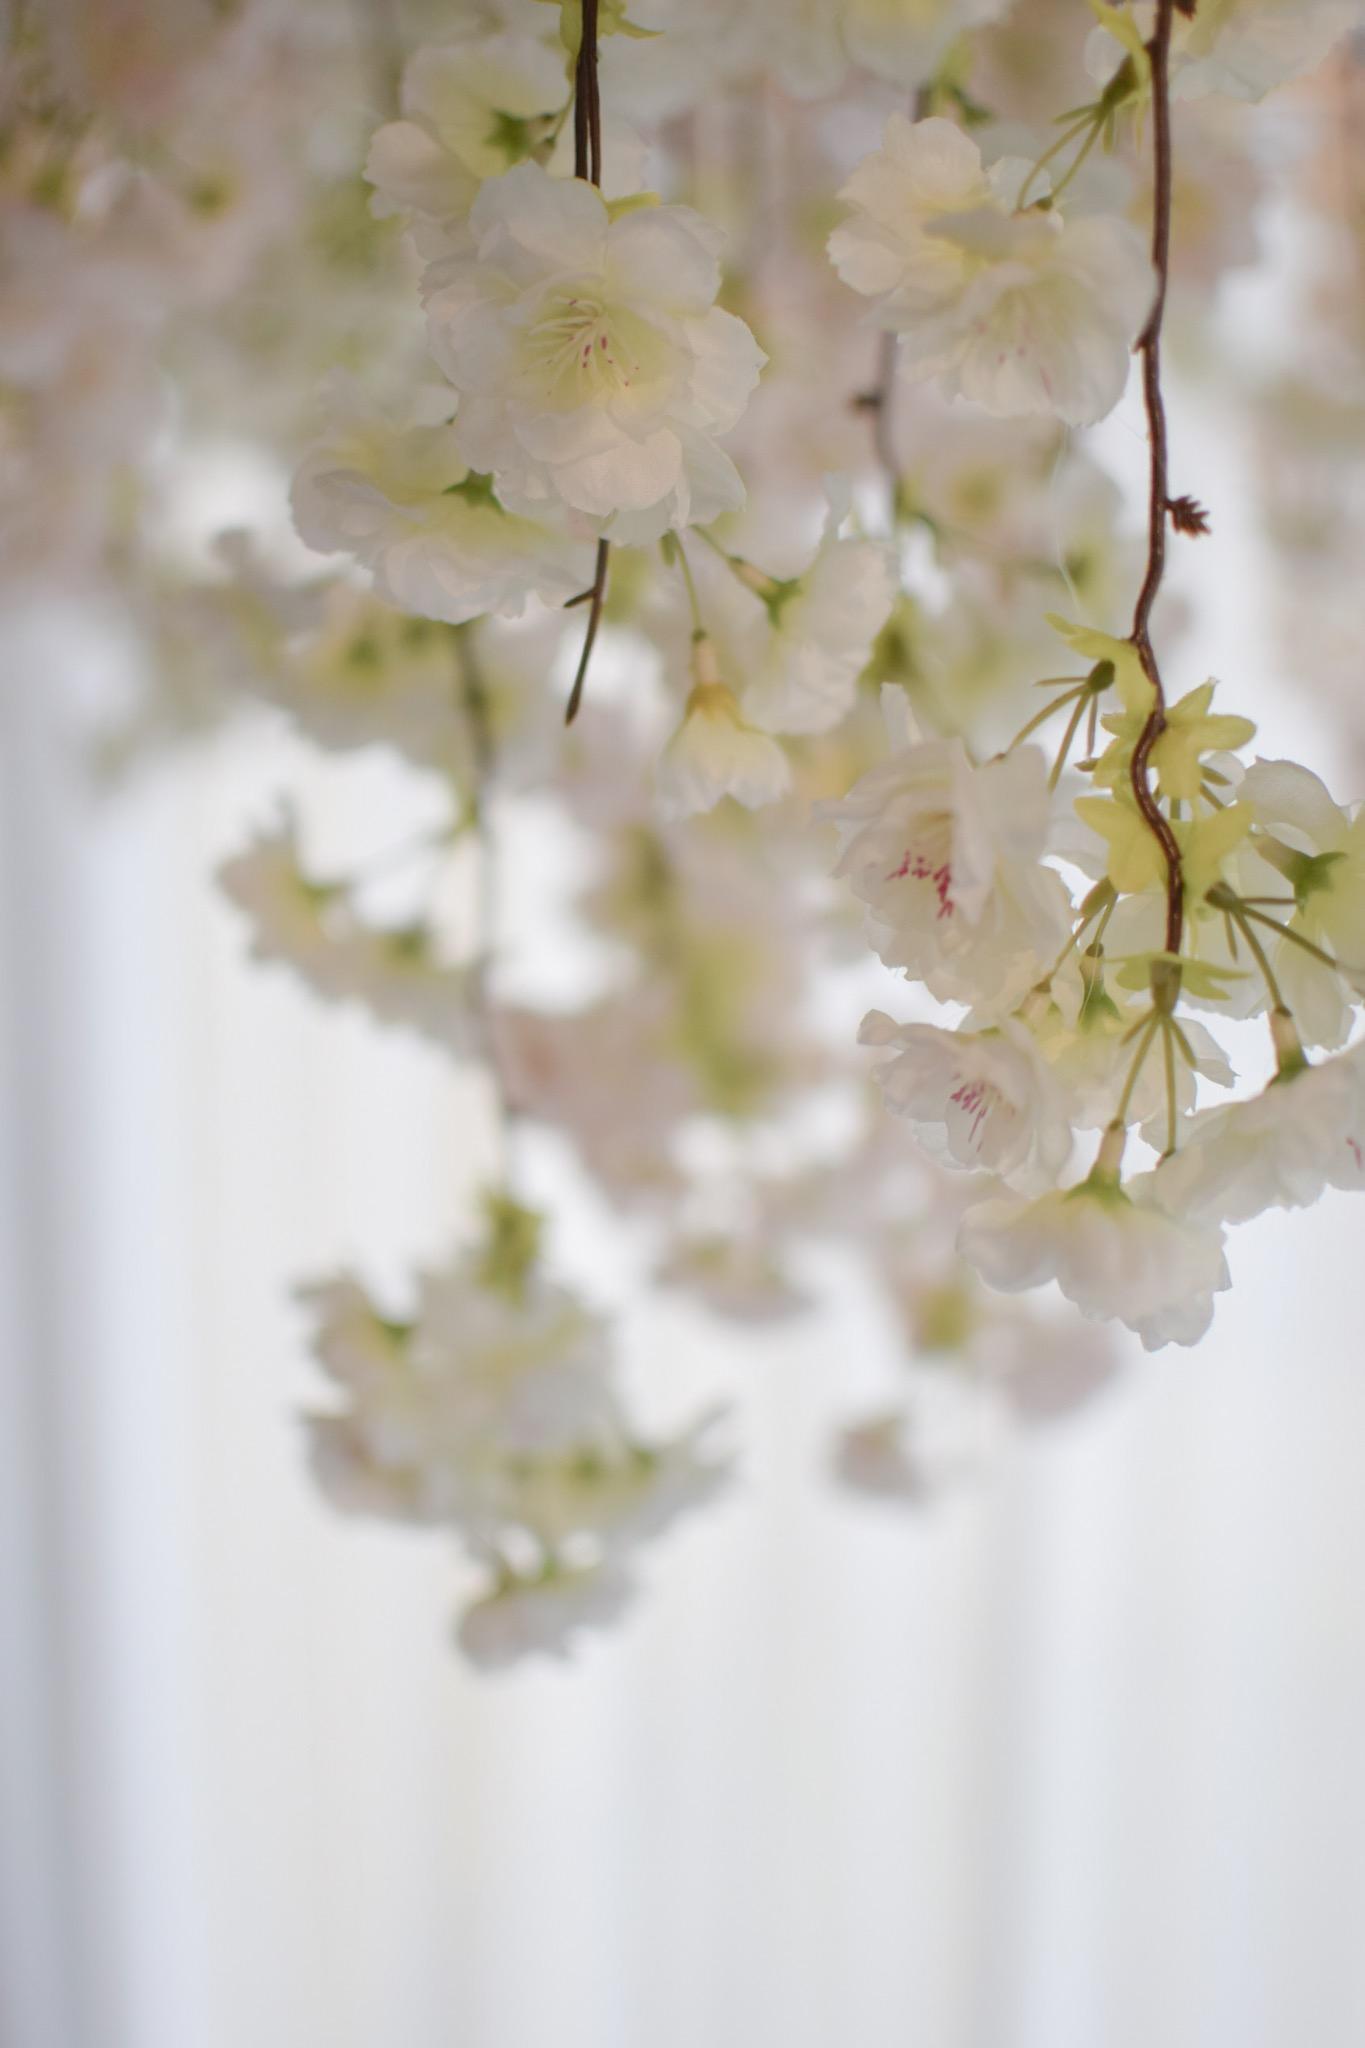 Bloesemplafond - Degrootebloemen.be